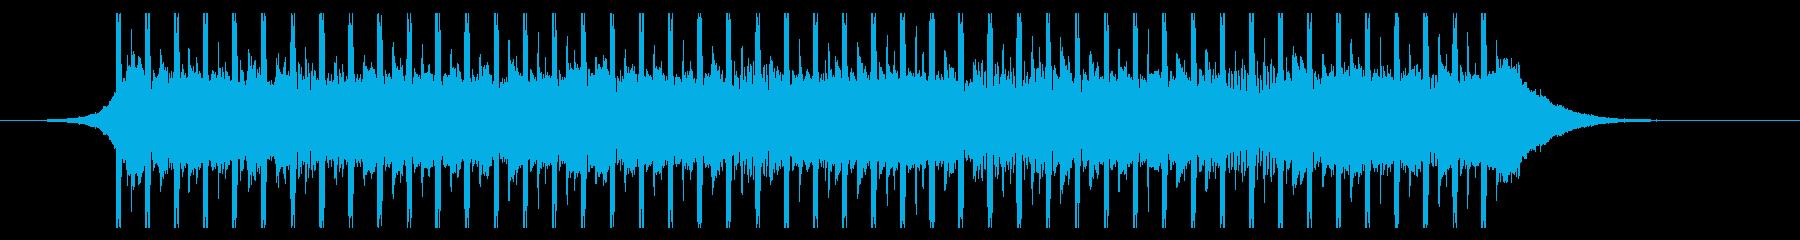 作業中(30秒)の再生済みの波形